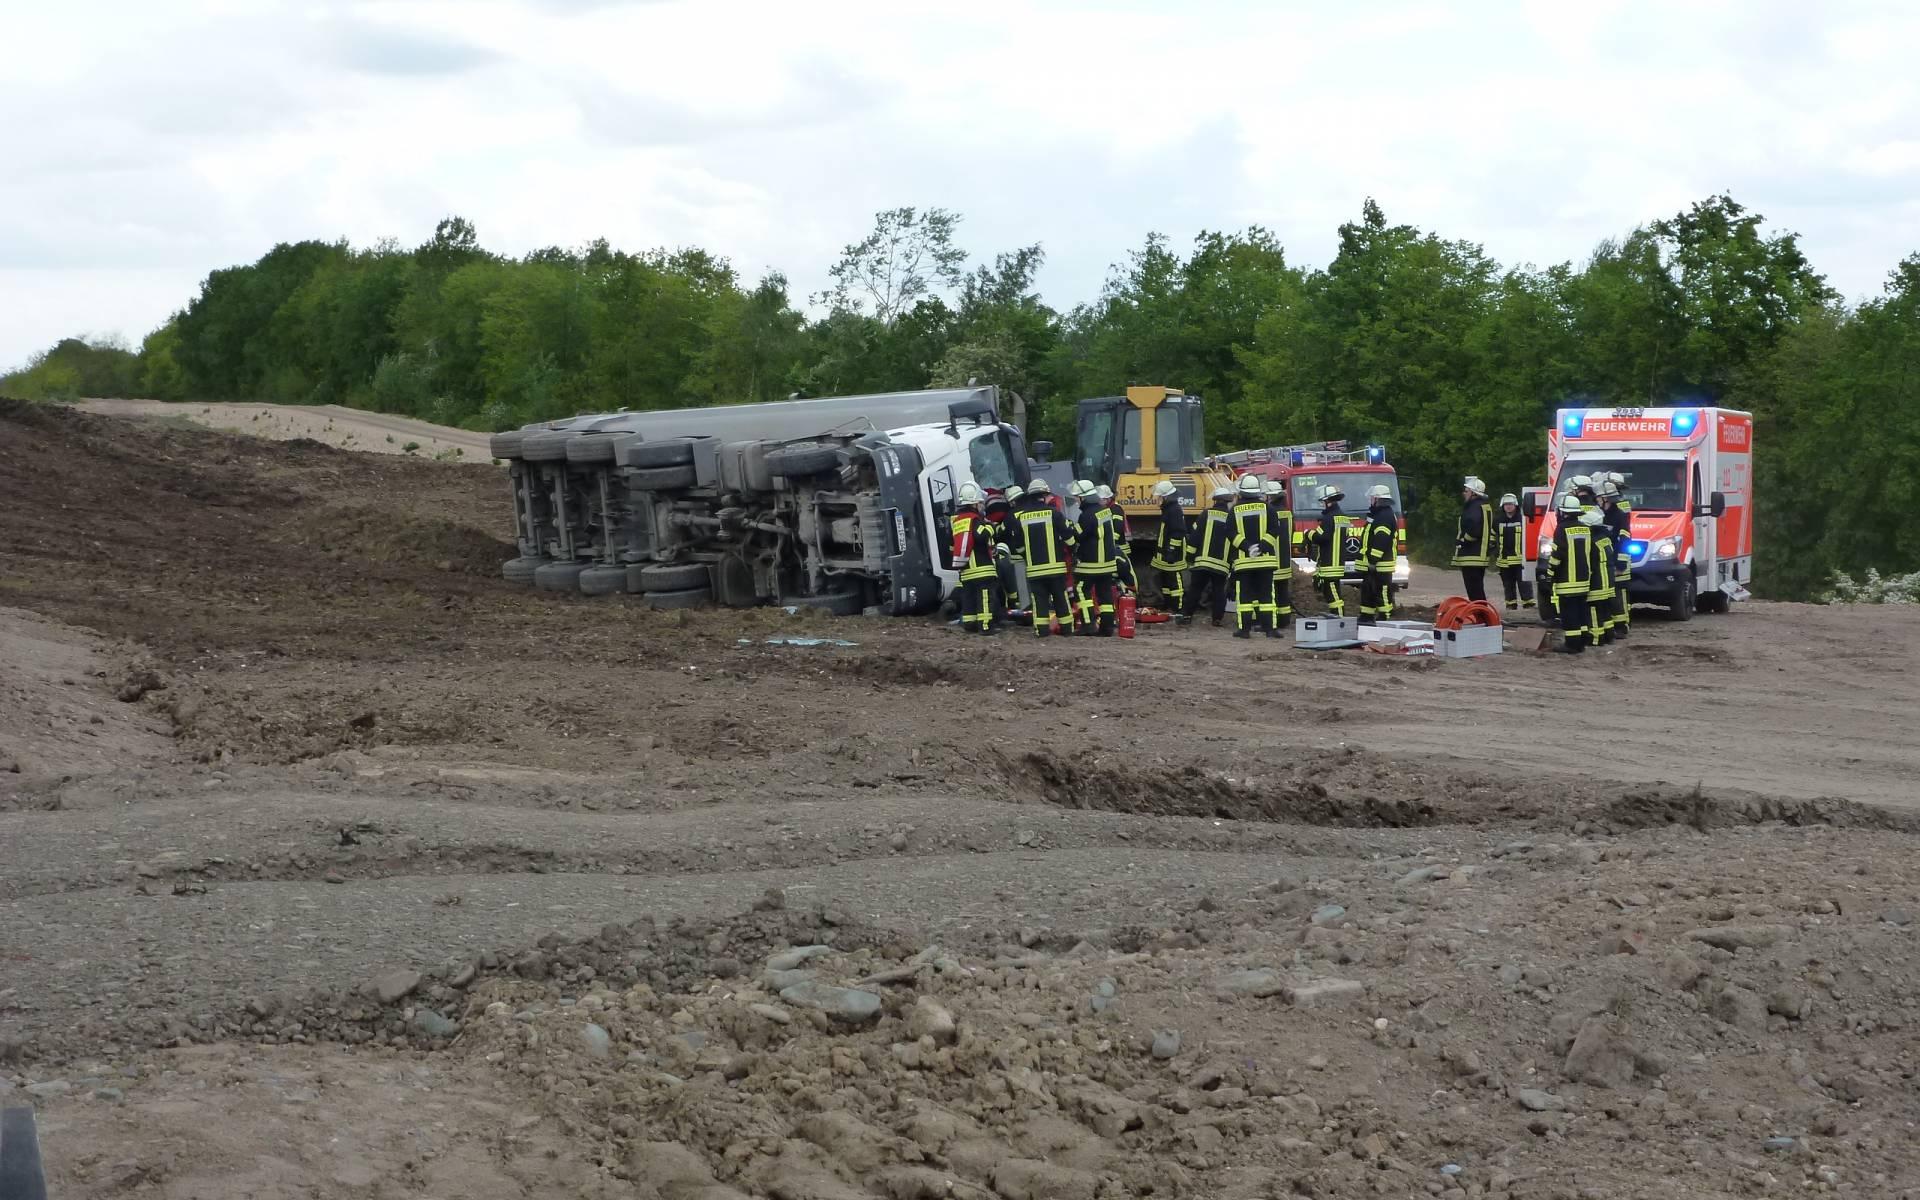 Ein Großaufgebot an Rettungskräften ist im Einsatz: Fünf Fahrzeuge der Feuerwehr, ein Rettungswagen und Christoph Dortmund